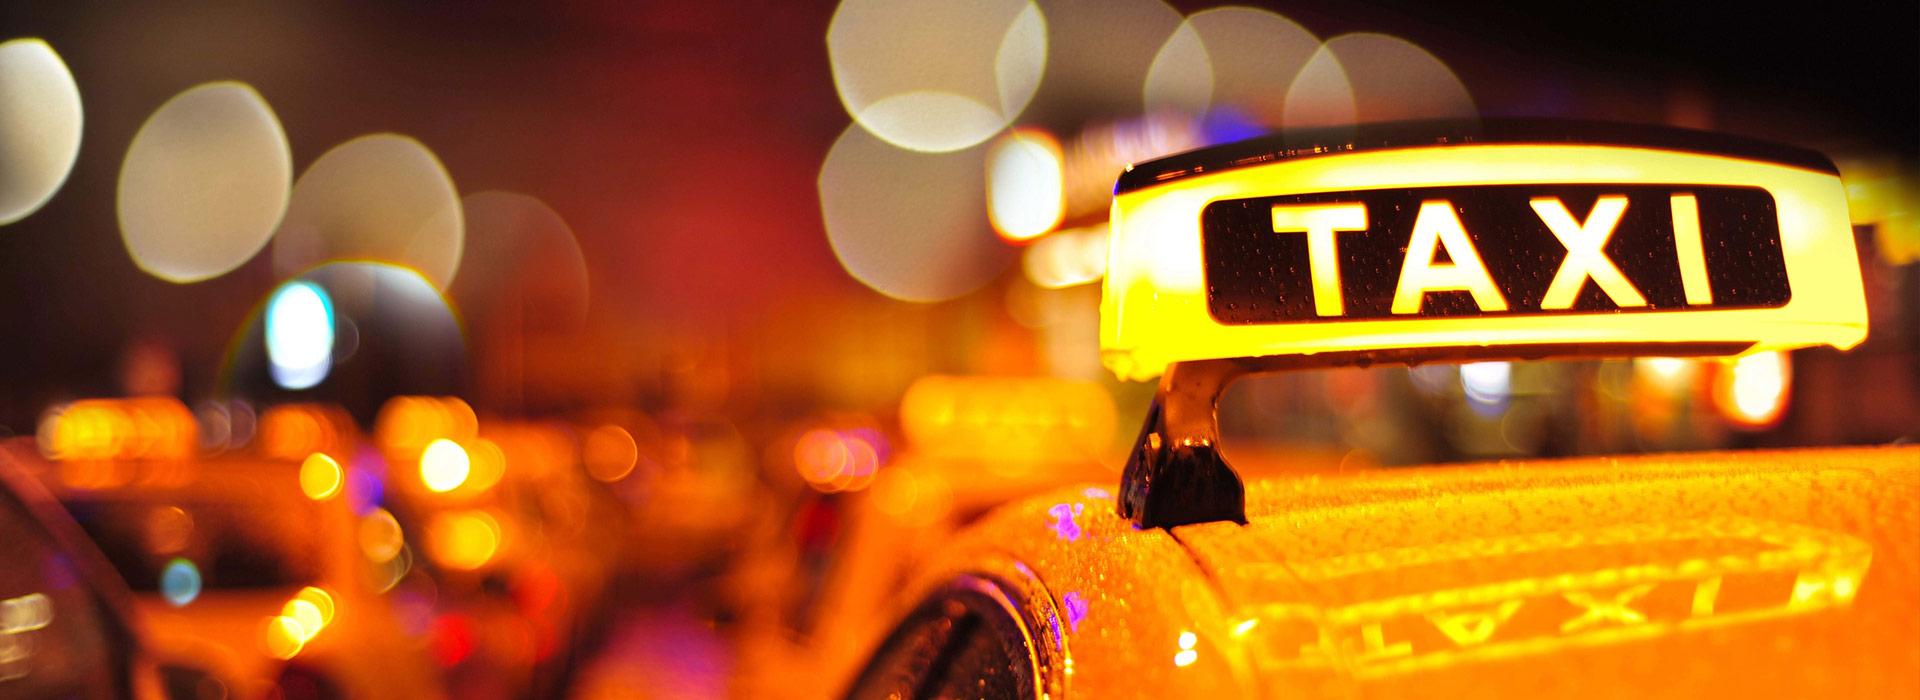 <small>Такси</small>Каждая пятая поездка бесплатно!